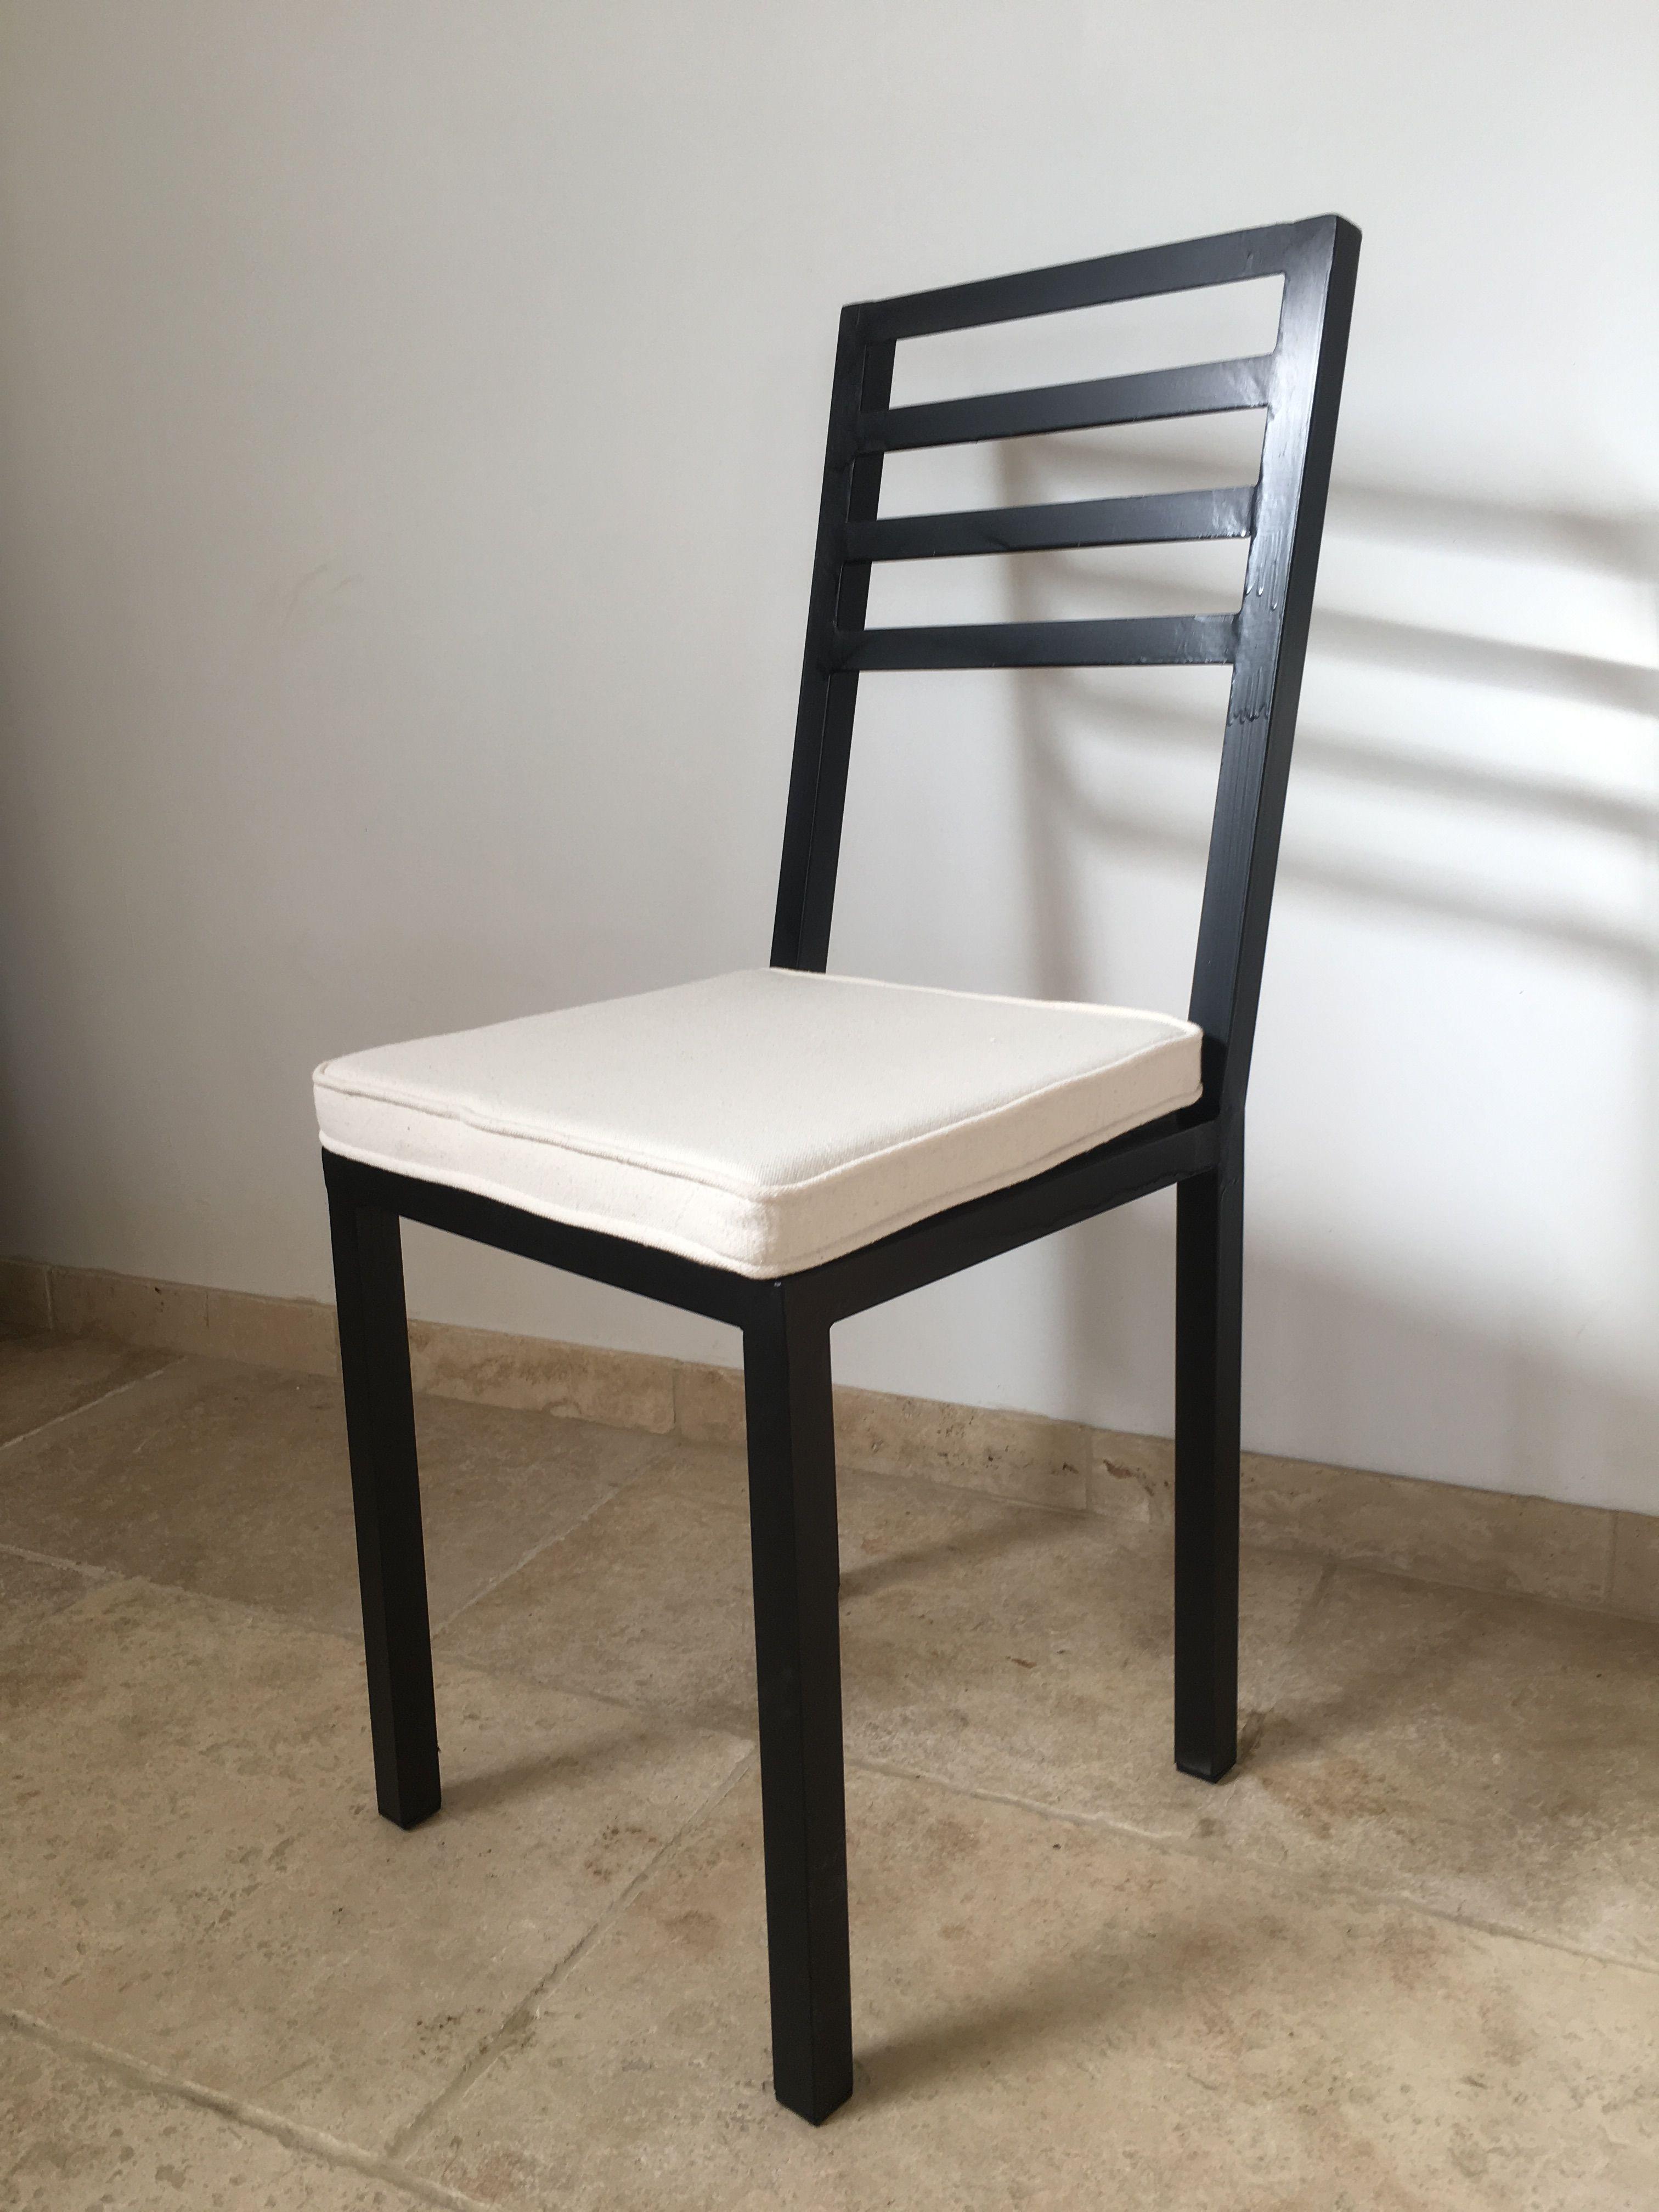 Chaise métal fer design en tube de 5mm avec bouchons en plastique